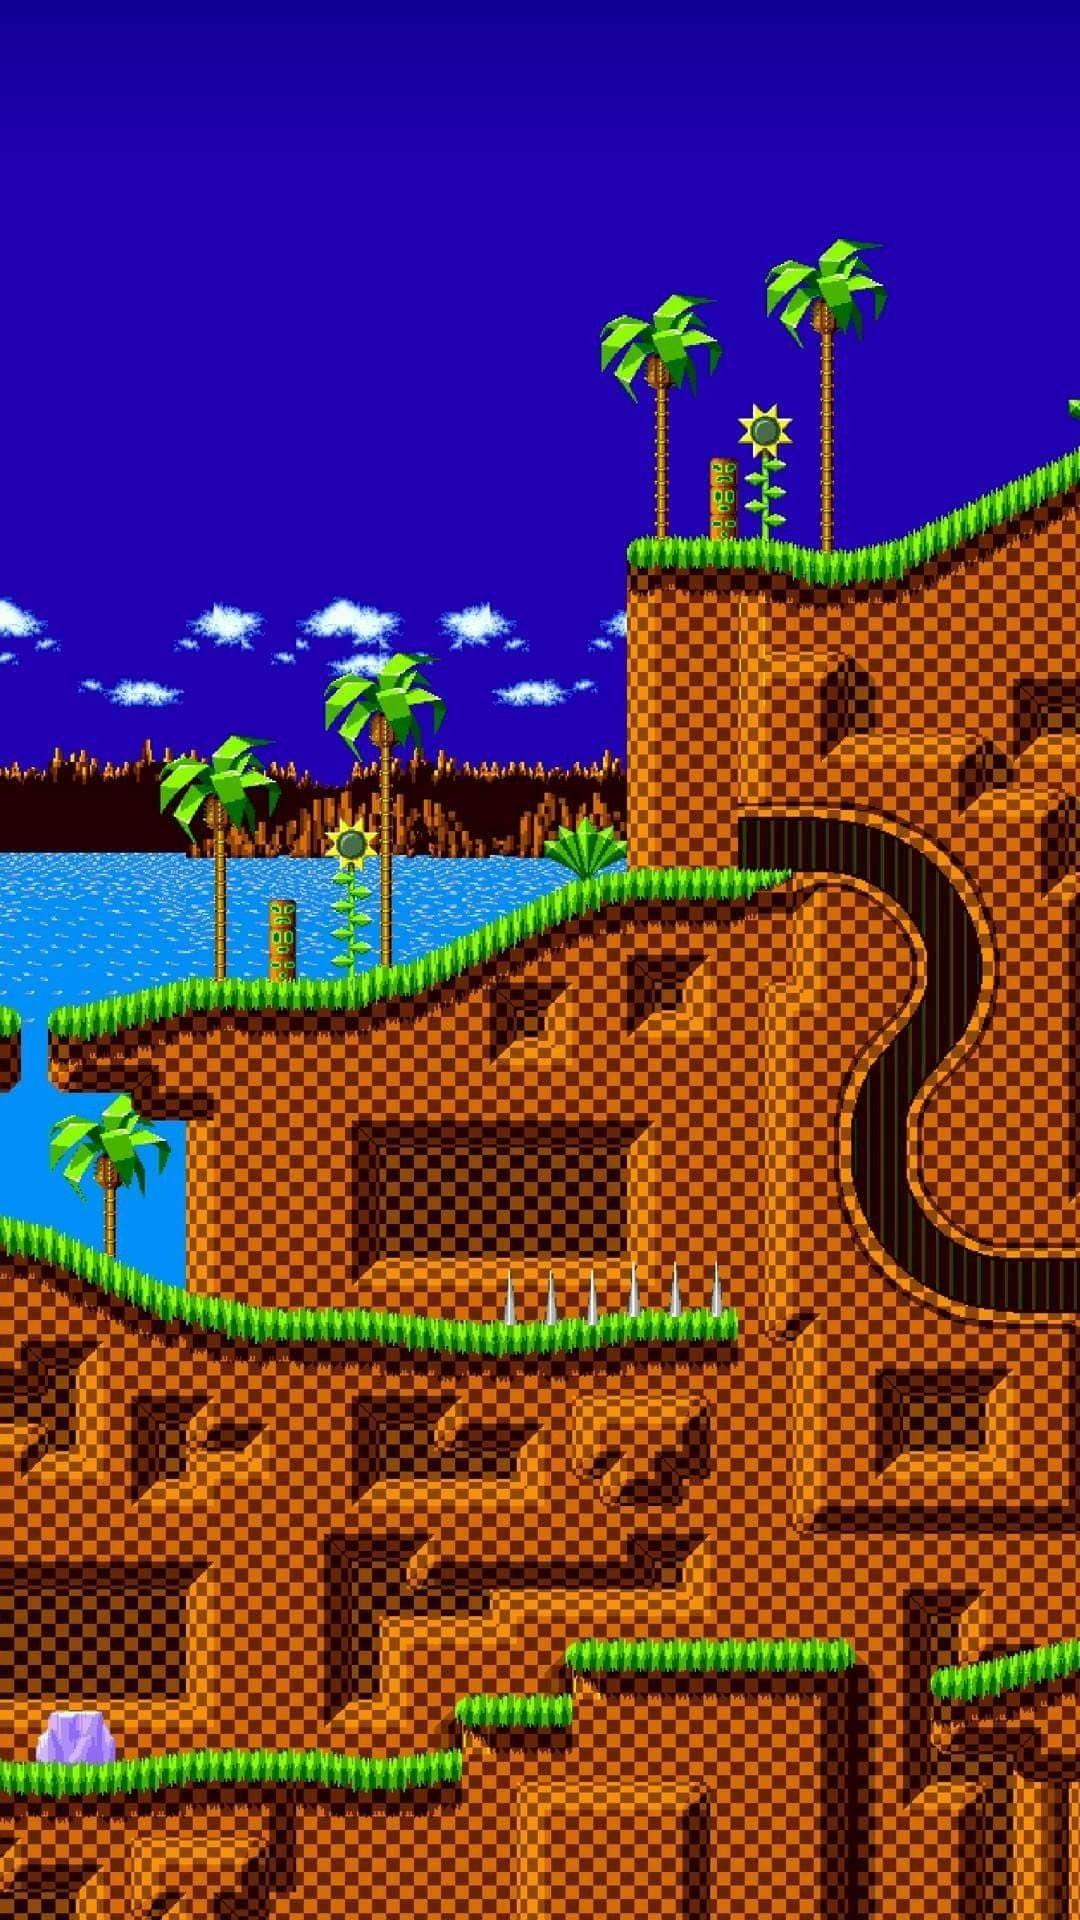 Sonic Thr Hedghog